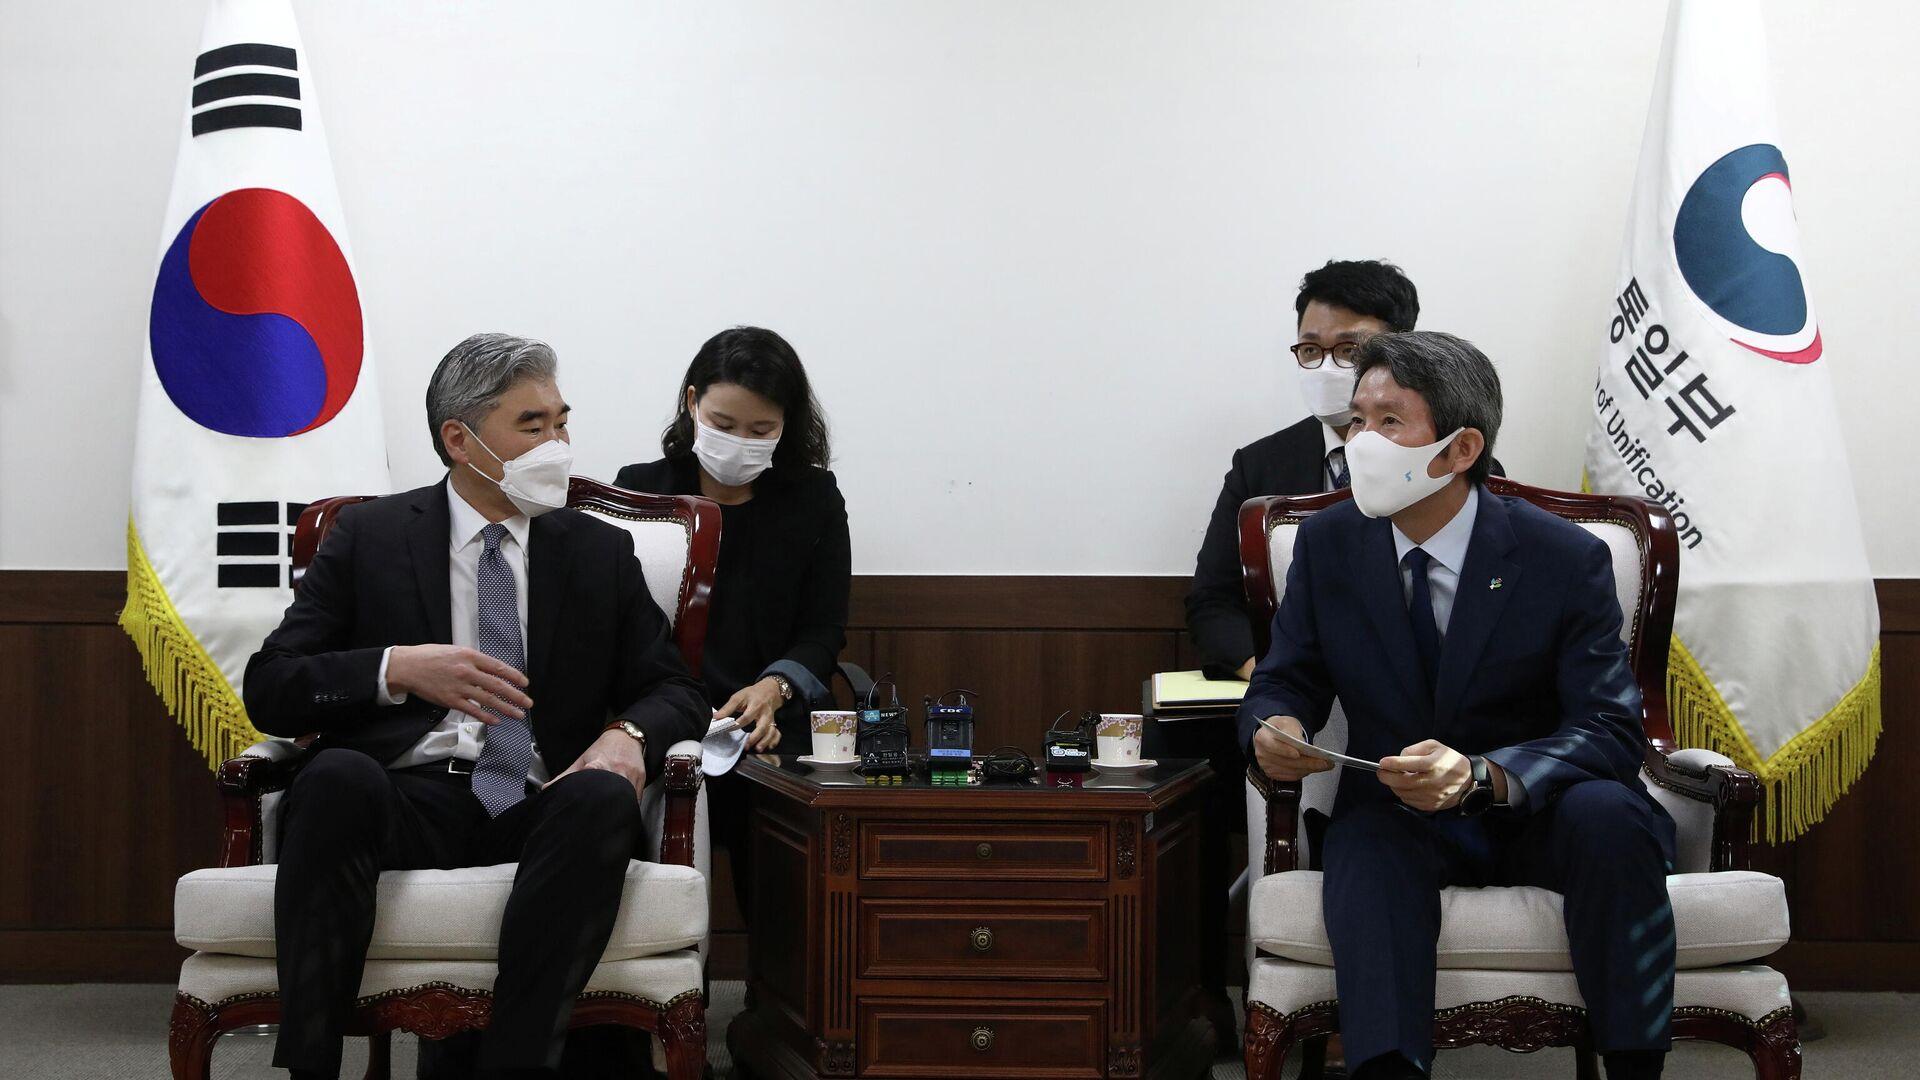 El ministro de Unificación de Corea del Sur, Lee In-young, y el enviado especial de Estados Unidos para Corea del Norte, Sung Kim - Sputnik Mundo, 1920, 22.06.2021